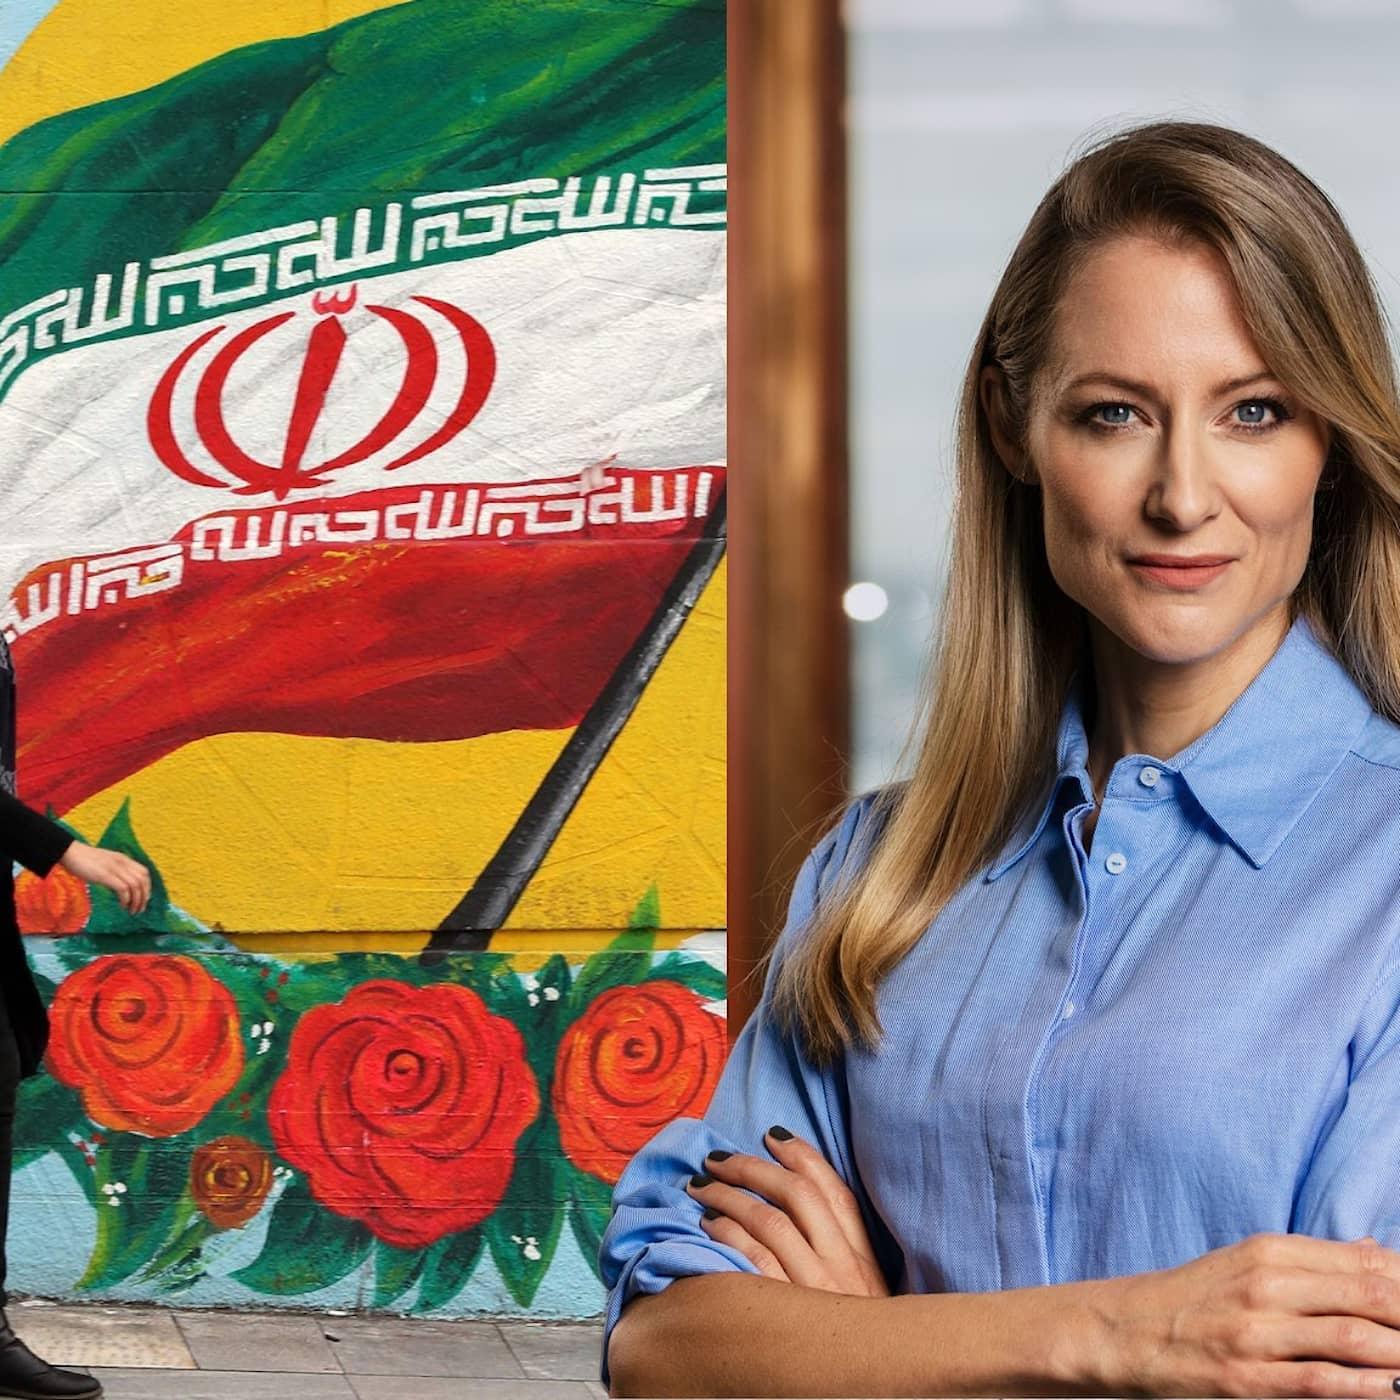 Våt sanktionsfilt över den iranska it-boomen